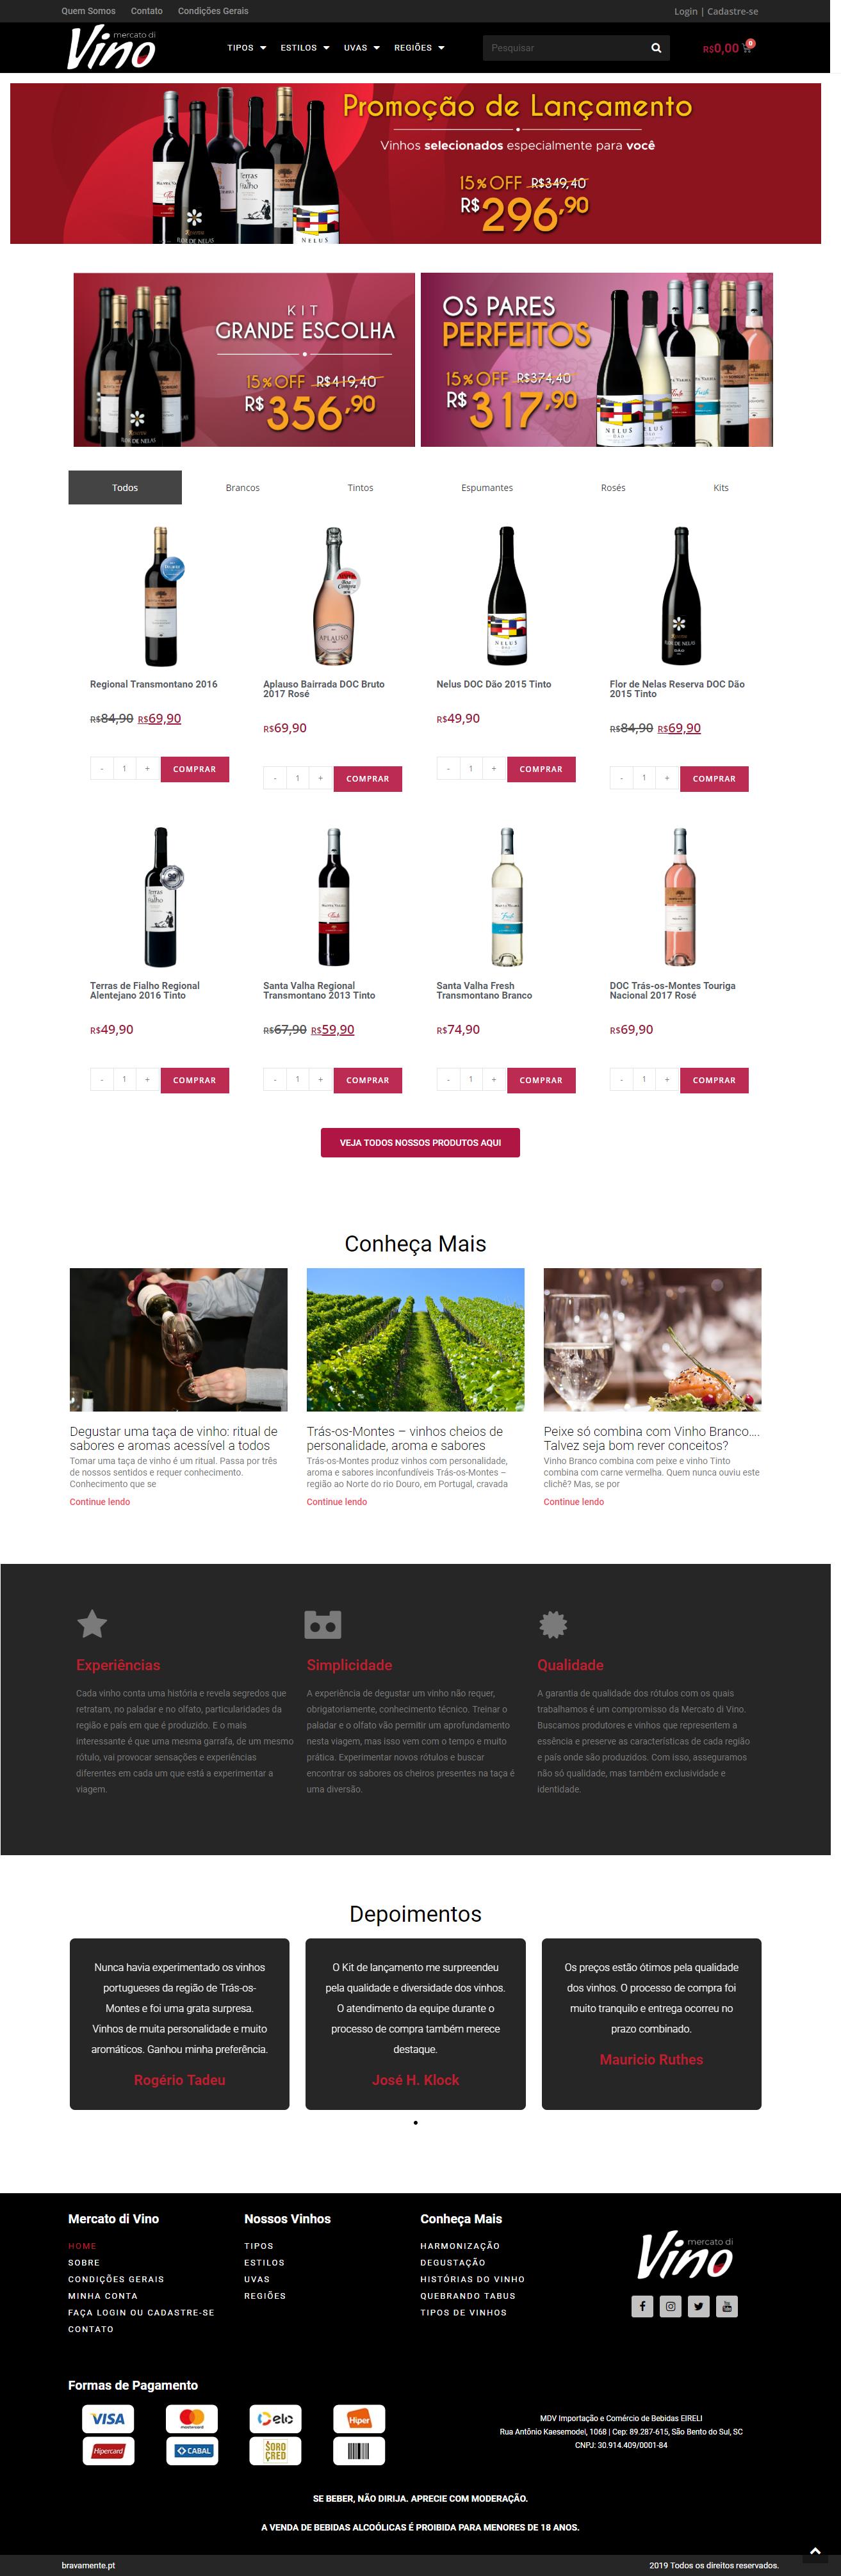 WebSite Mercato di Vino